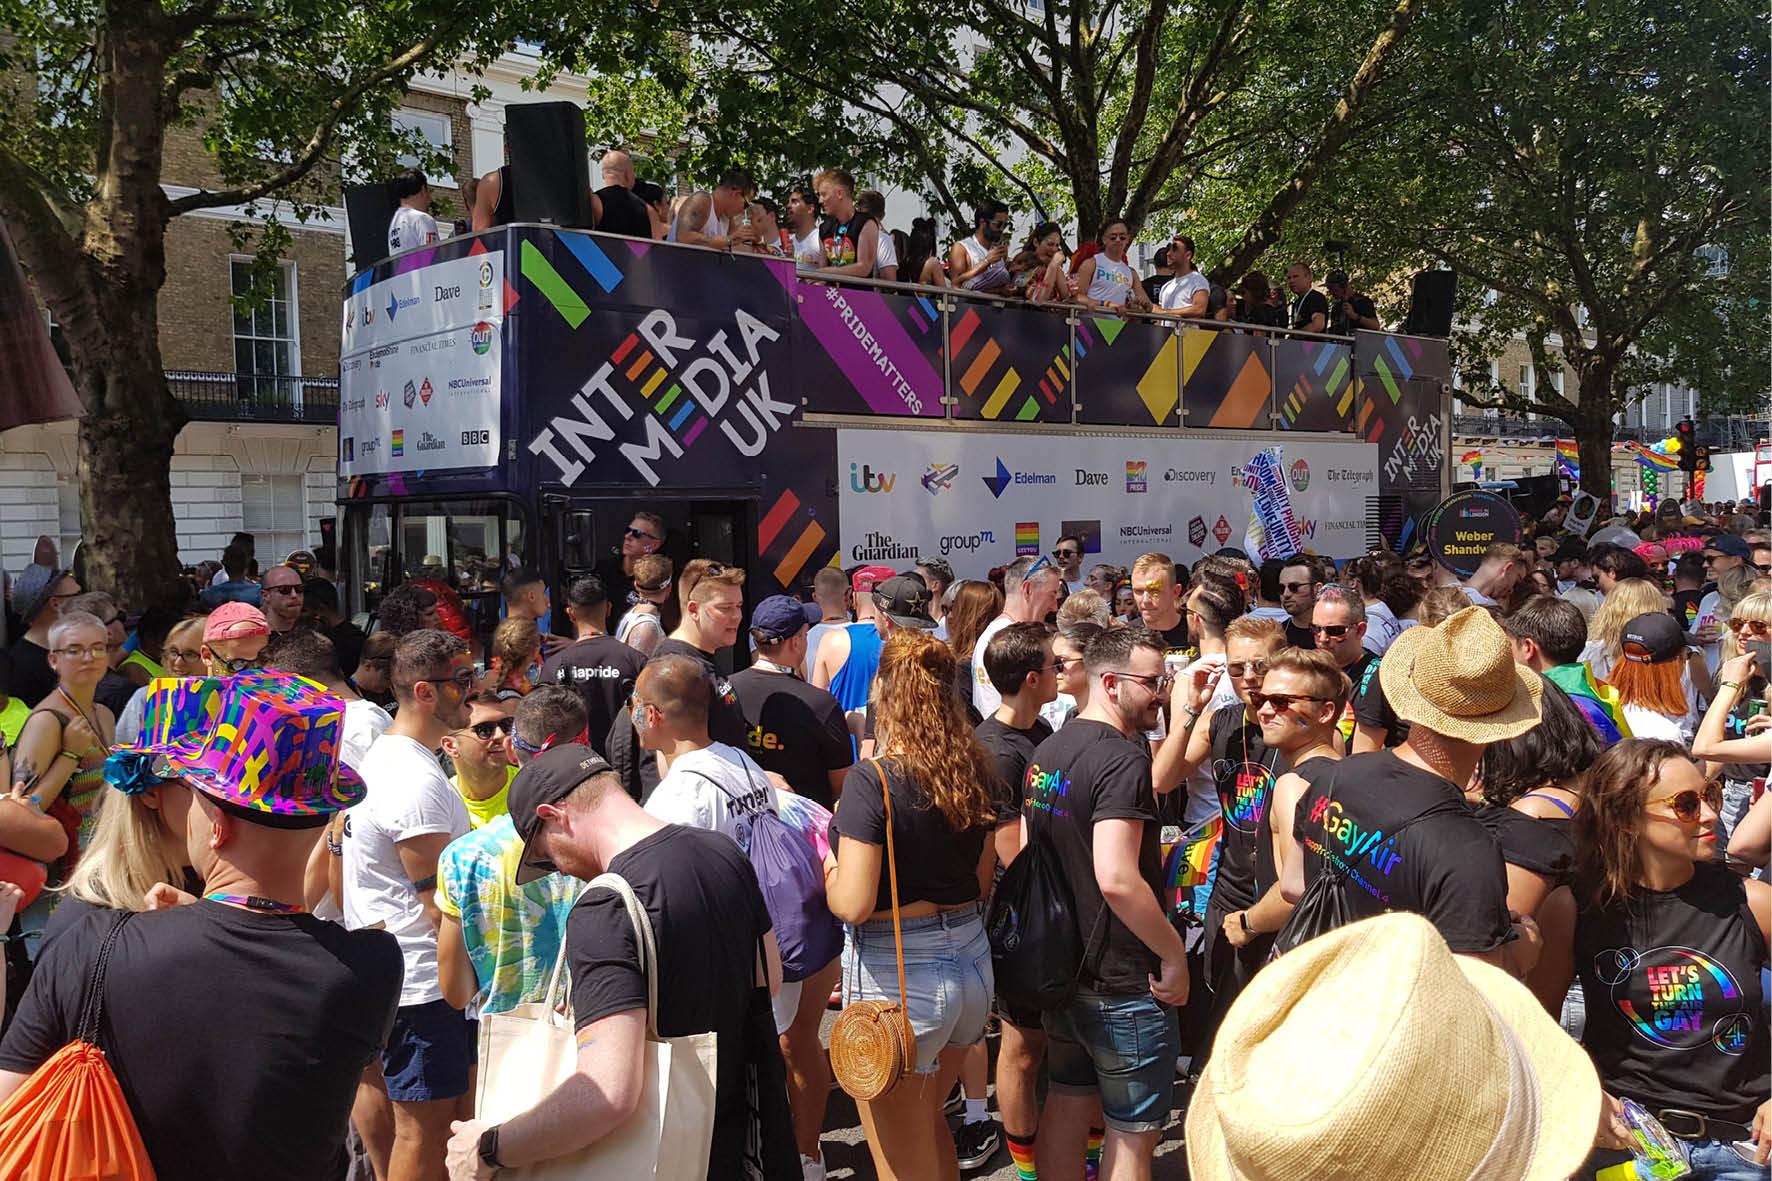 bus_business_london_pride_2018_9.jpg